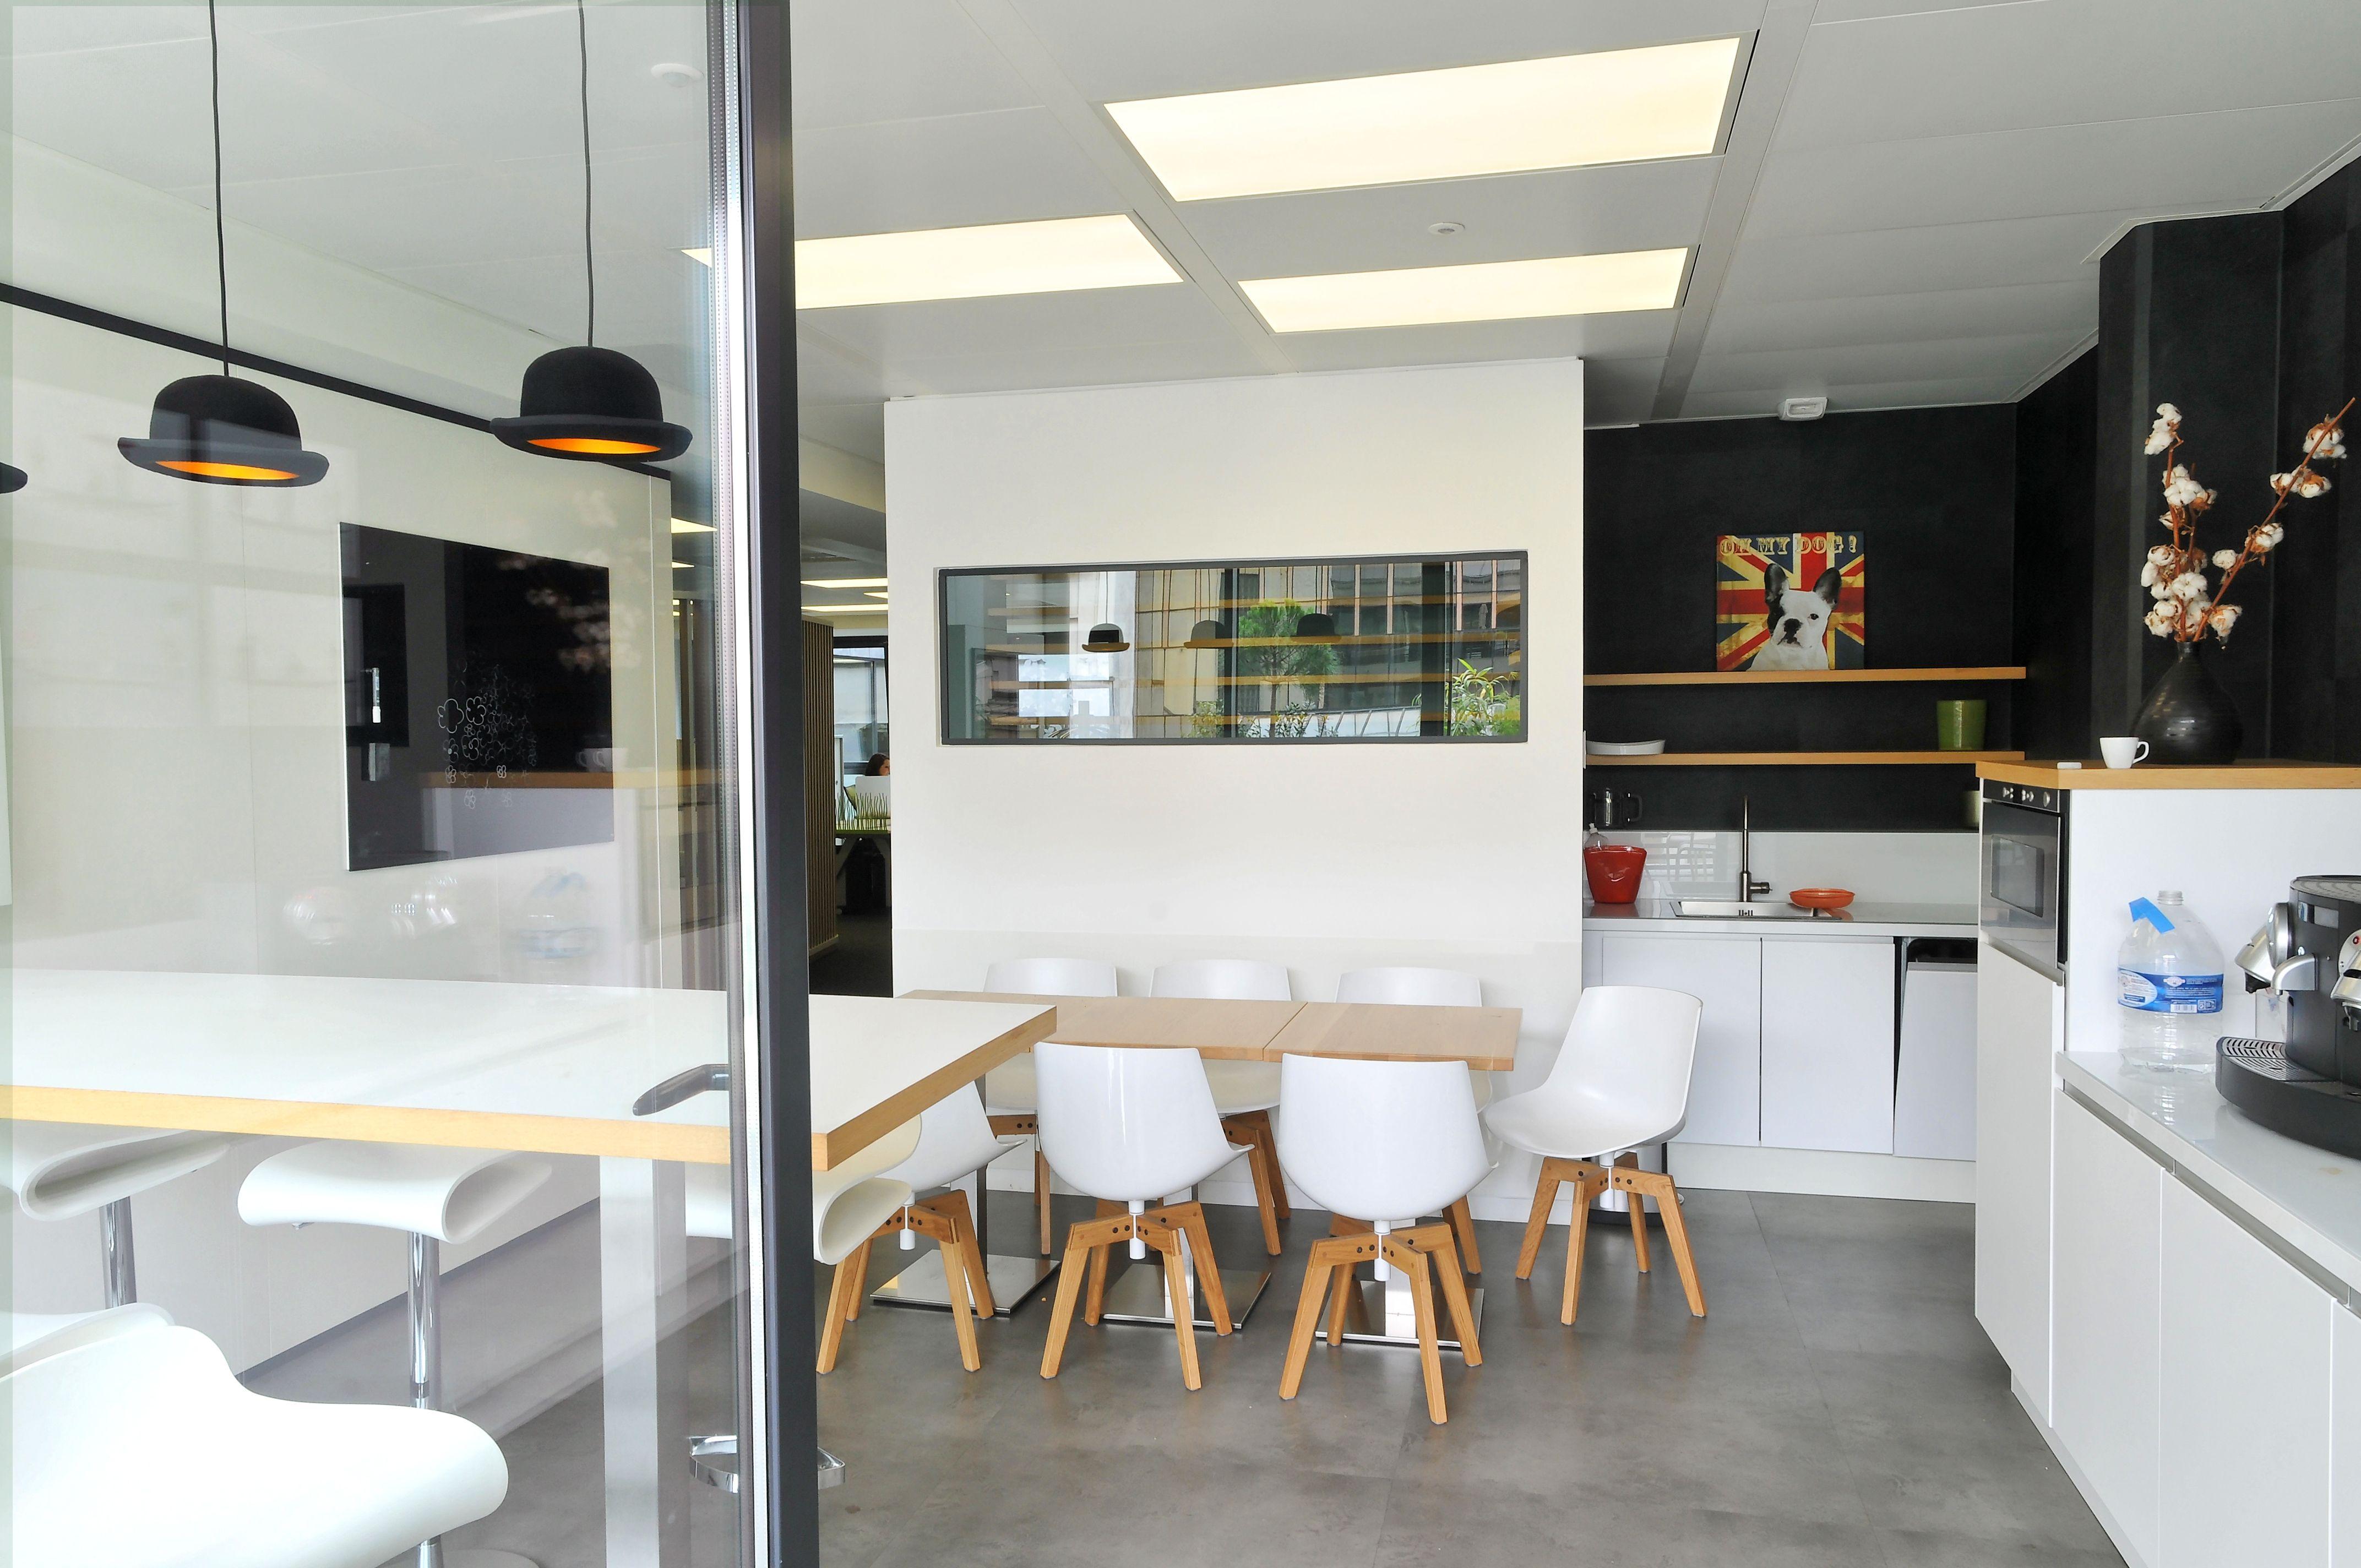 aménagement d'une cafétéria par cléram #inspiration #design #bureau